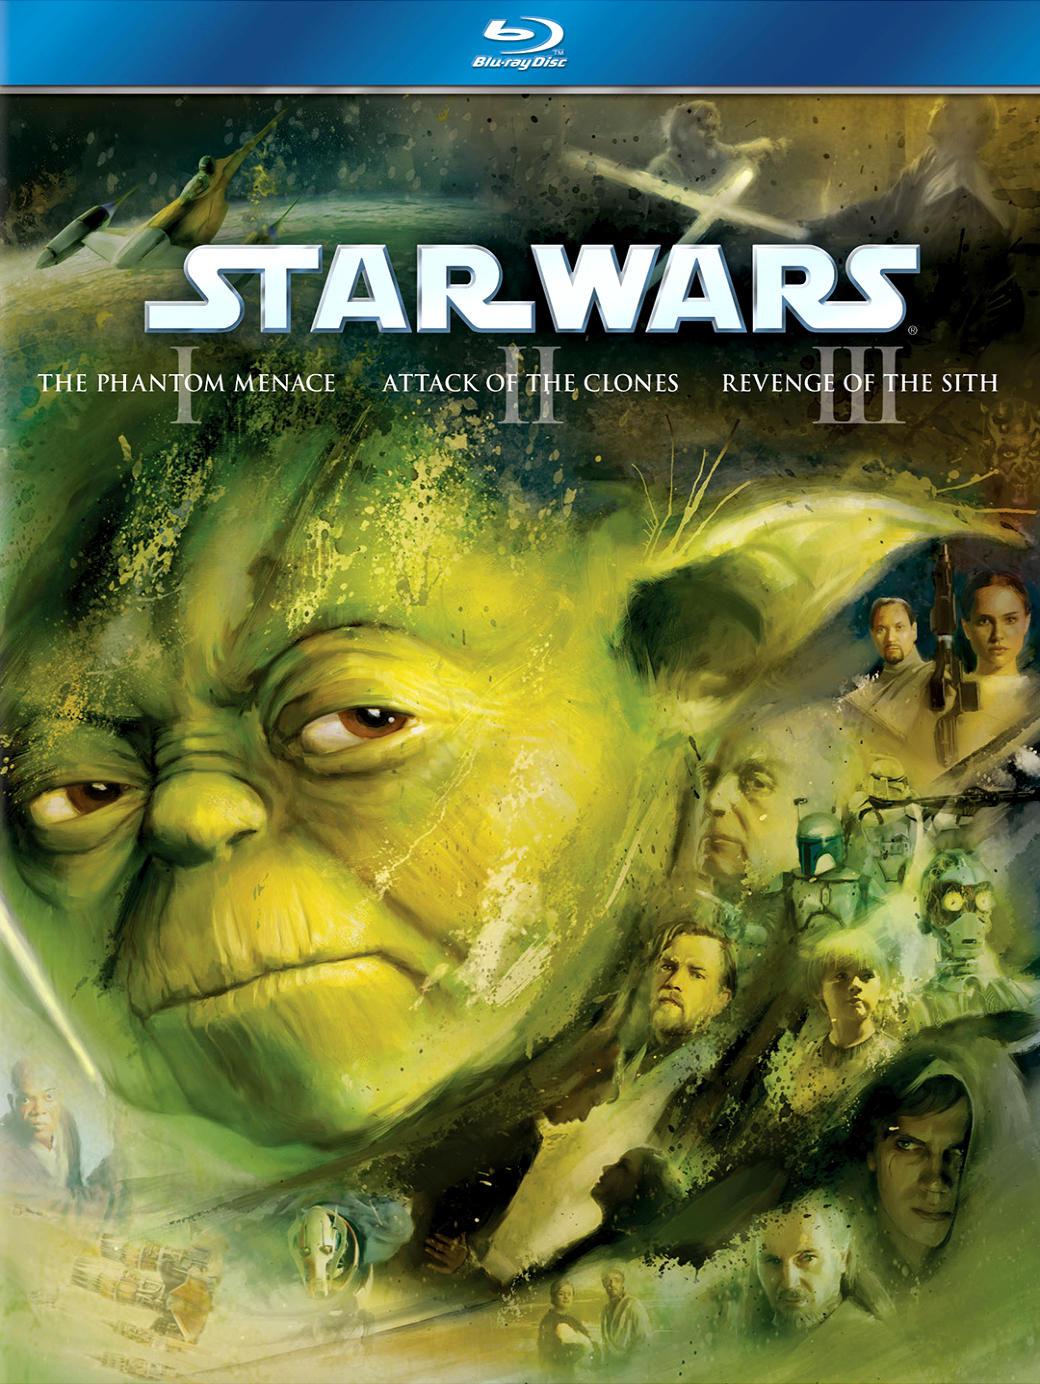 Звездные войны: Эпизод 2 - Атака клонов. Обложка с сайта amazon.com